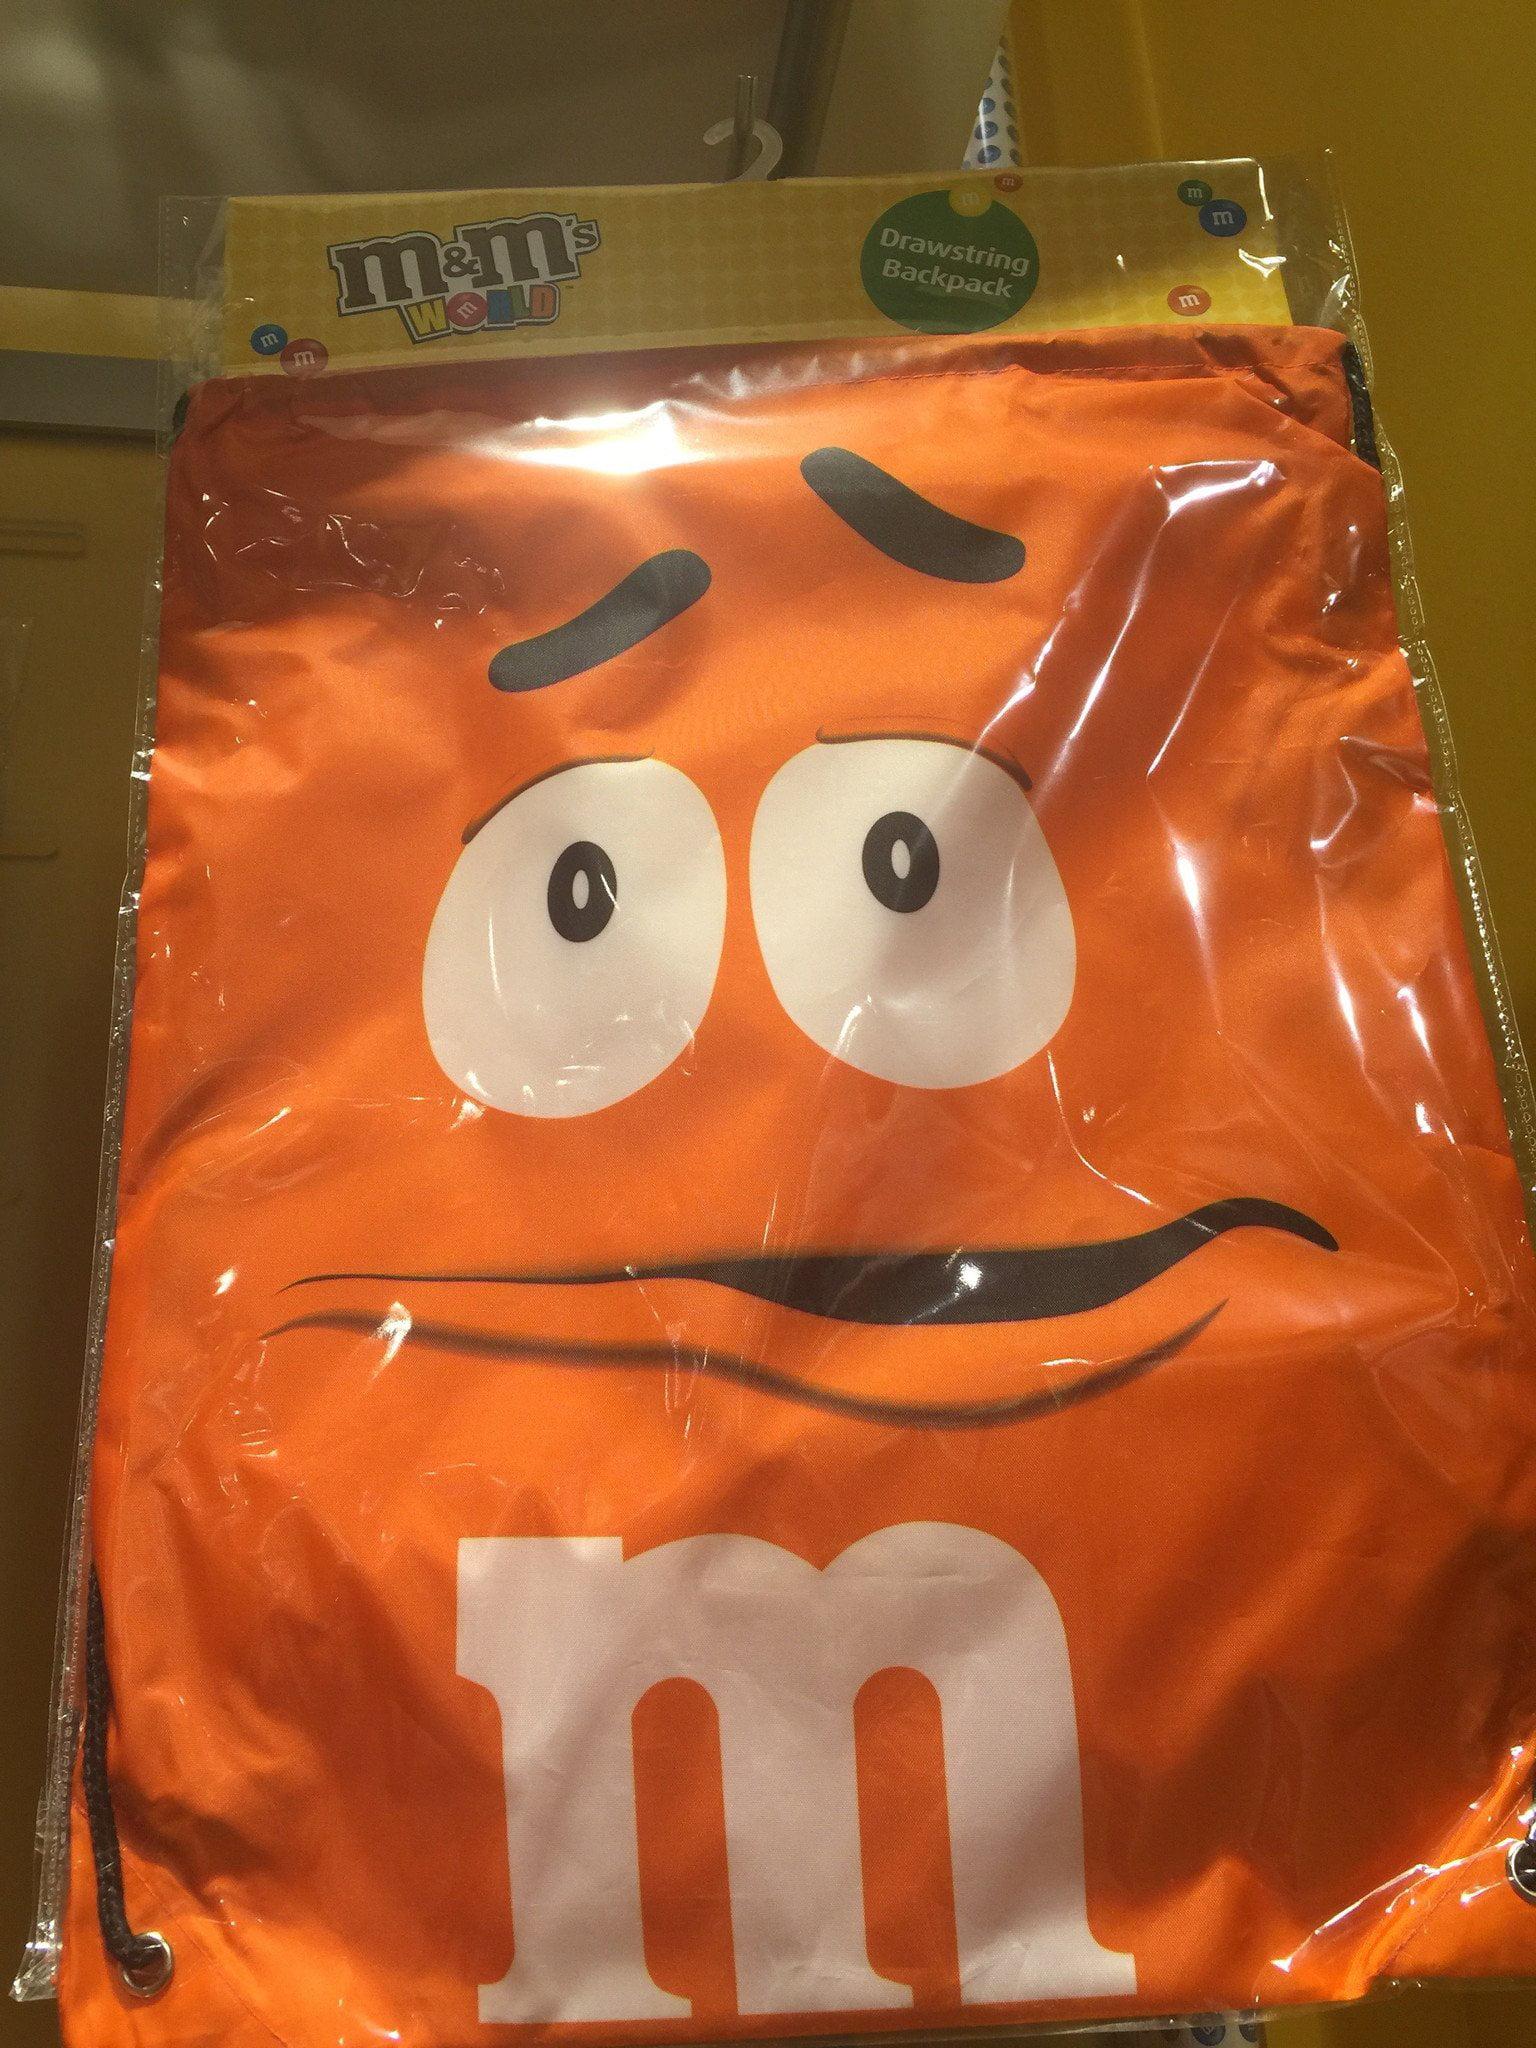 M&M's World Orange Nylon Drawstring Backpack New Sealed